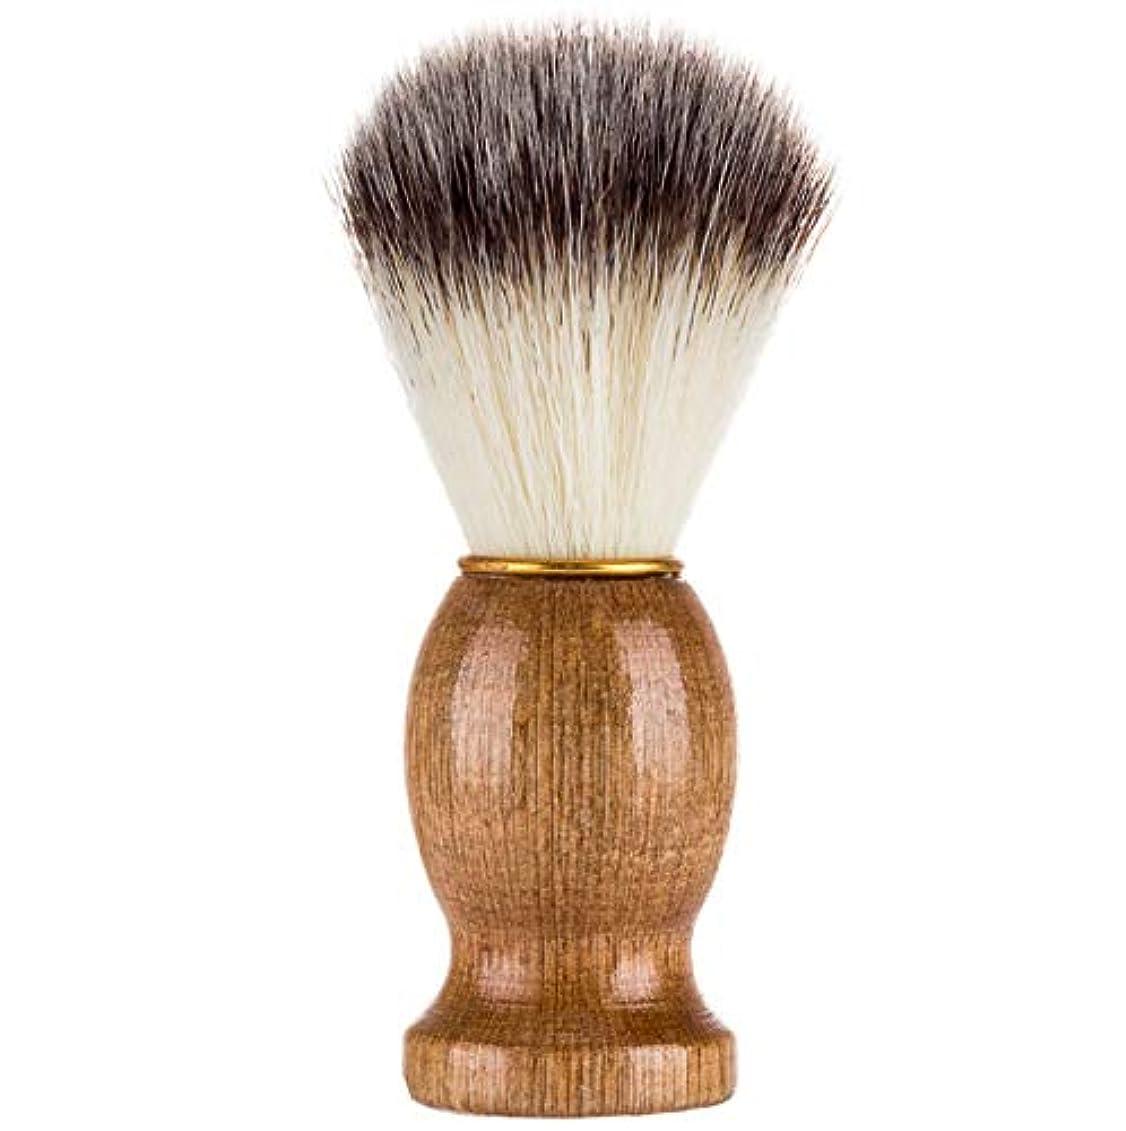 ジーンズ巨人一時的ソフトヘアメイクブラシメンズシェービングブラシ品質剛毛新しいポータブルハイエンドひげブラシ美容ツール